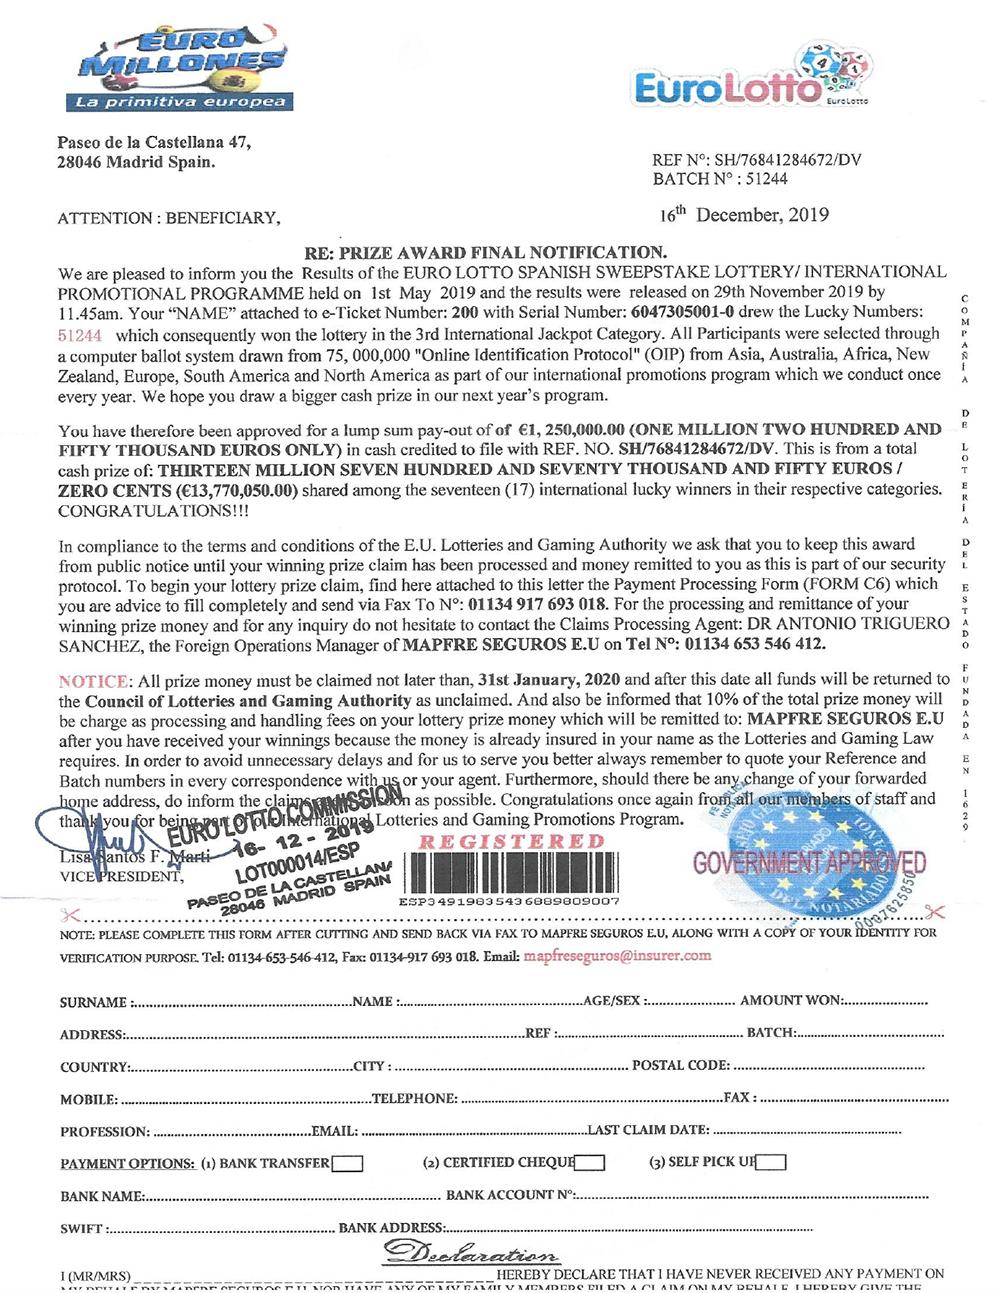 Euro Lotto Scam Letter Bermuda Jan 13 2020